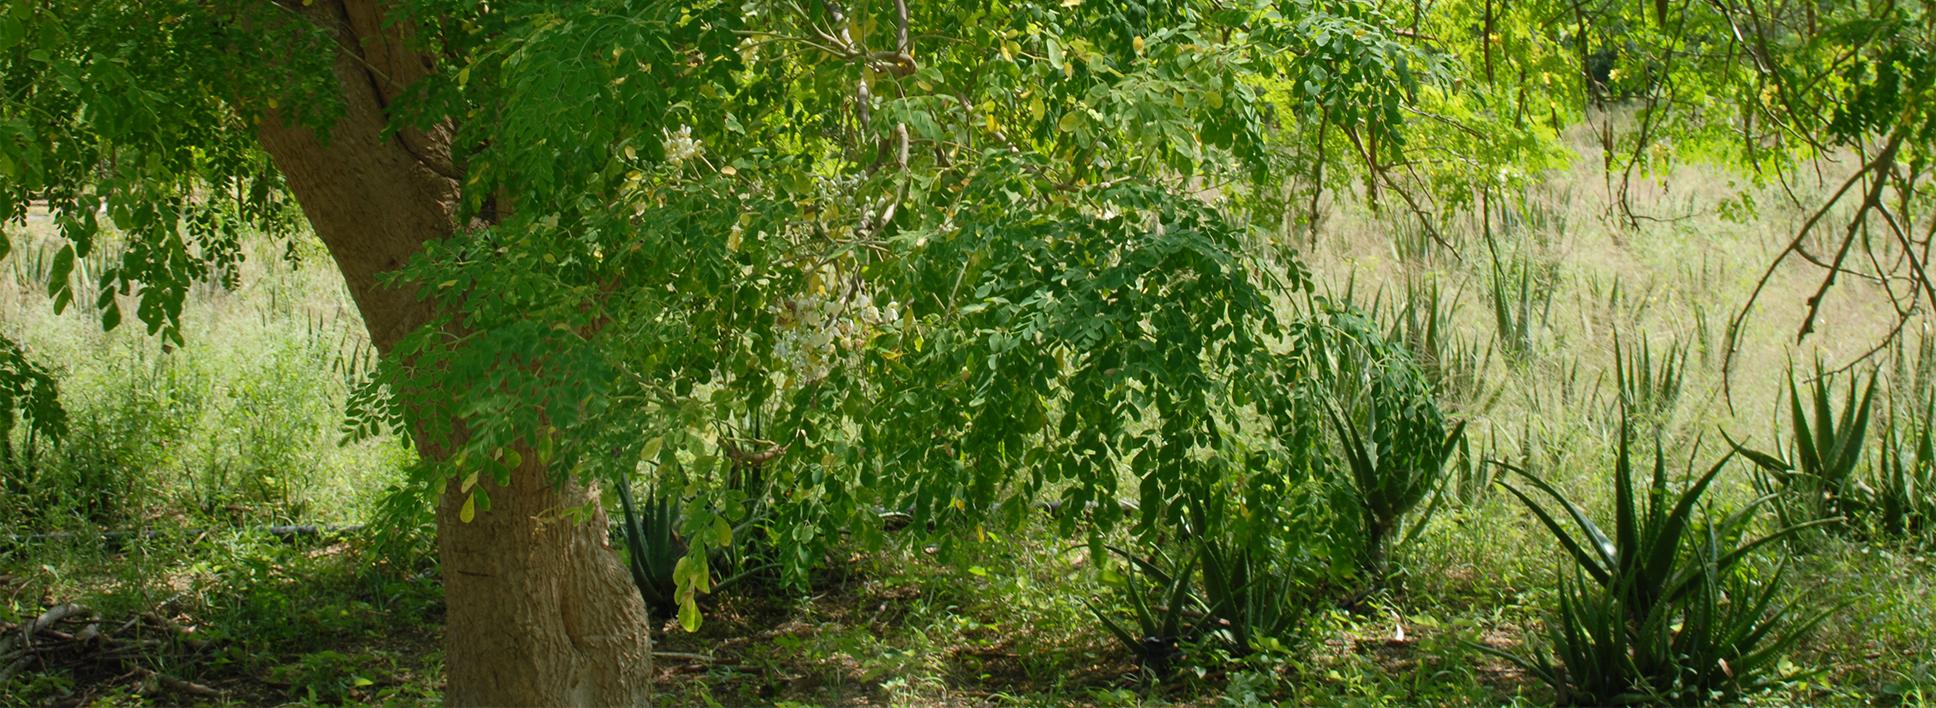 Auszug einer Mischkultur mit Baum im Vordergrund und Pflanzen im Hintergrund